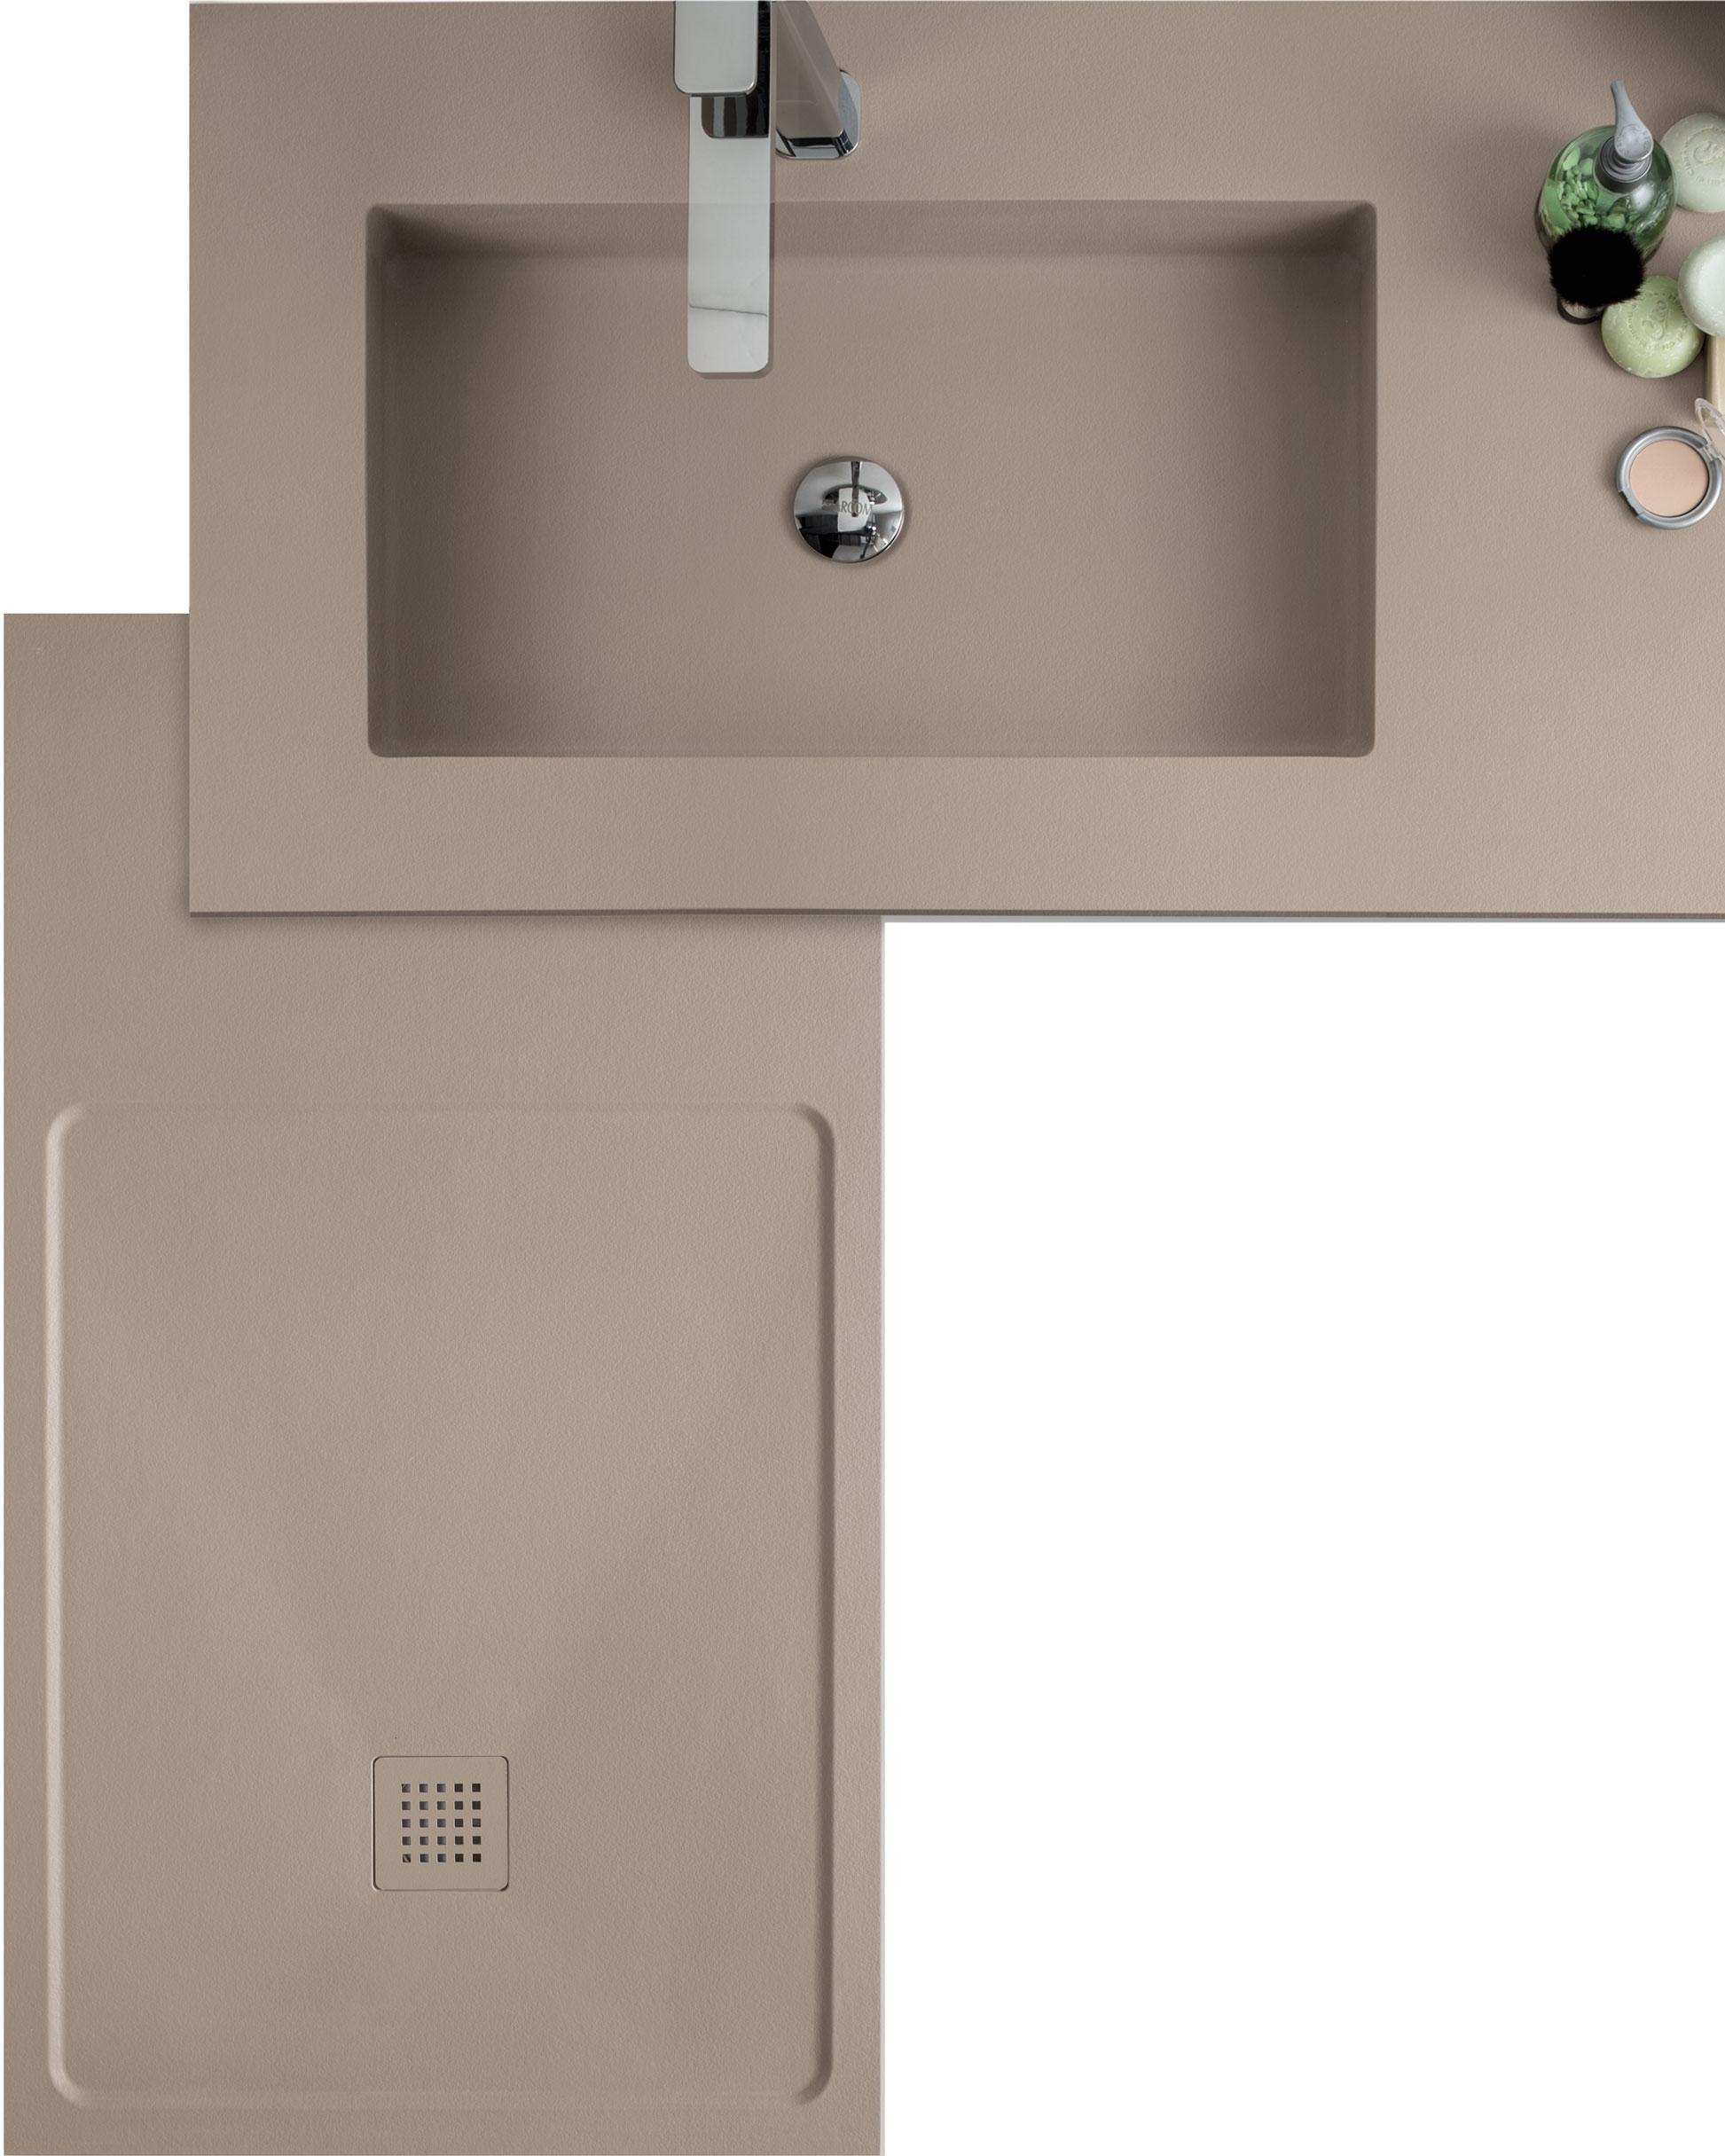 TOTAL LOOK - Lisce o materiche e in diverse tonalità, le finiture dei piatti doccia e dei pannelli per rivestire le pareti si abbinano ai top dell'arredobagno Arcom per creare un total look d'effetto. In Roccia, Pietra o Gres, personalizzano l'ambiente e il benessere.